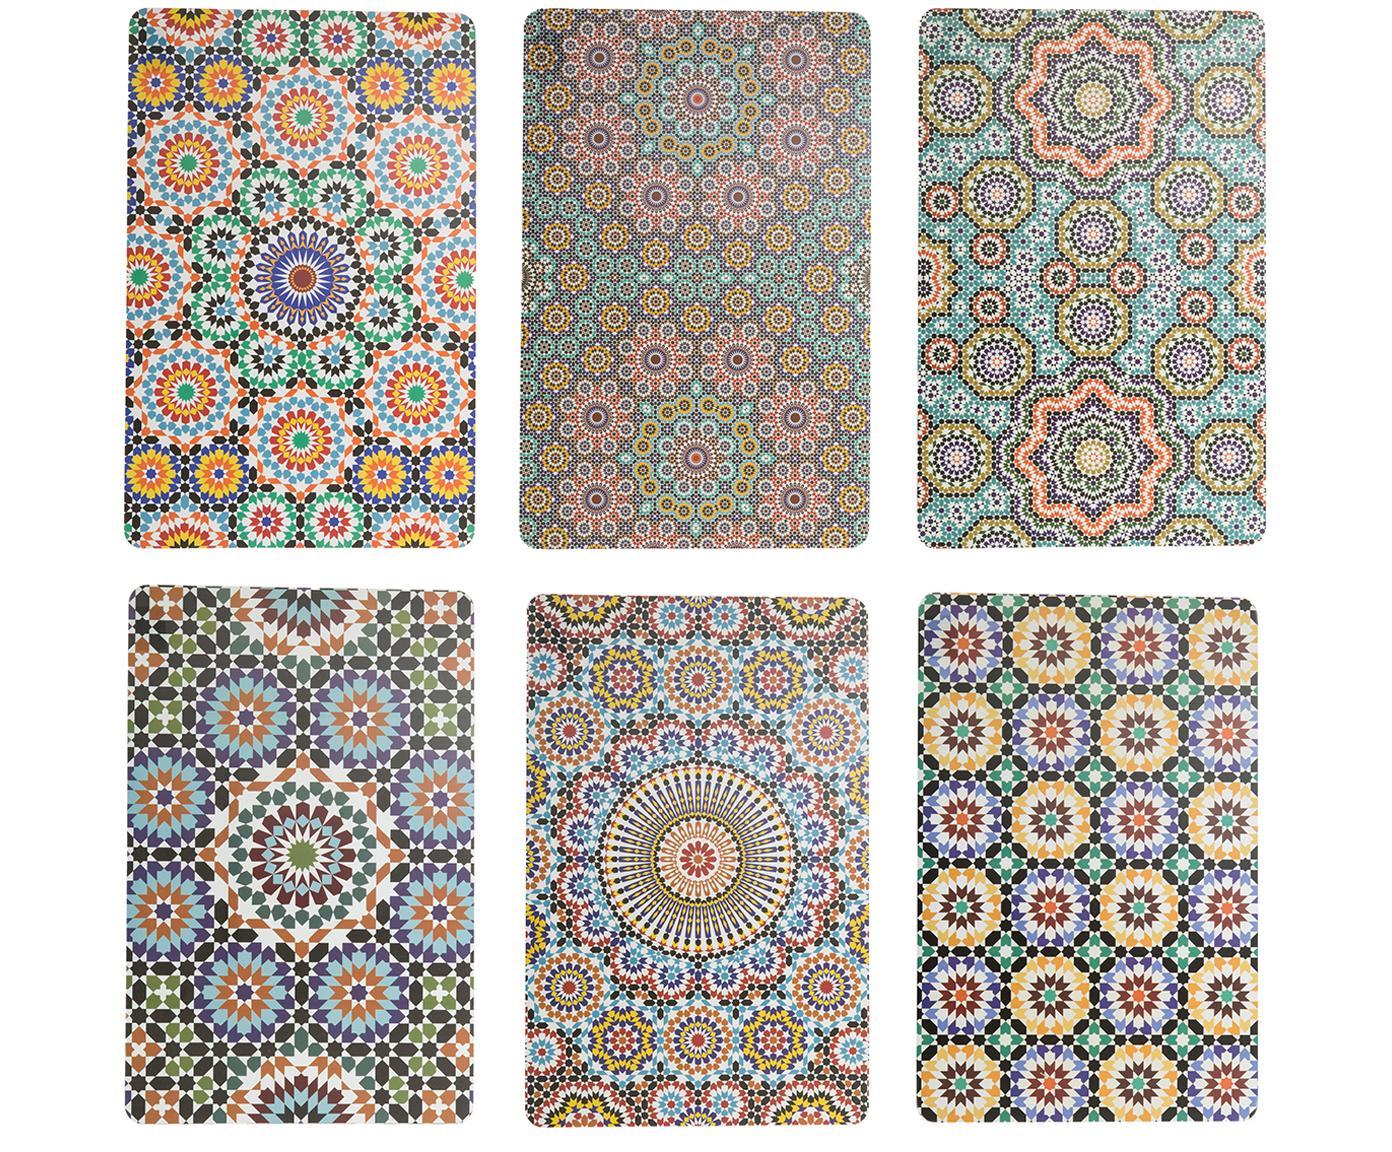 Set de manteles individuales Marrakech, 6uds.., Plástico, Multicolor, An 28 x L 44 cm